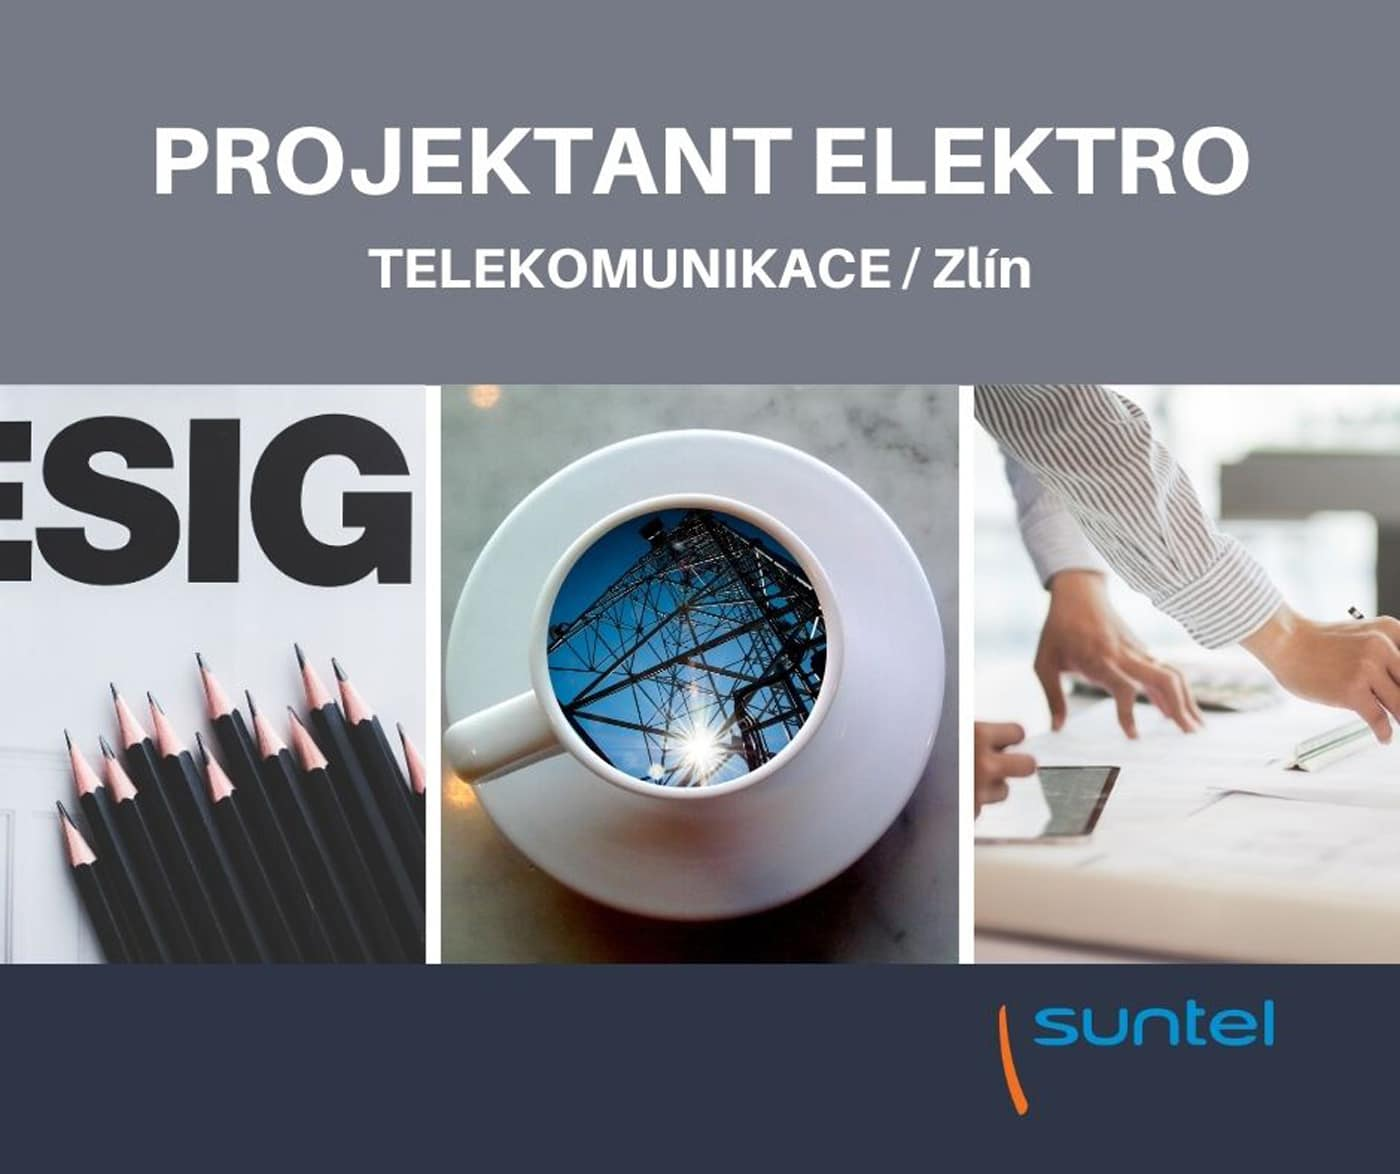 ELEKTRO-projektant